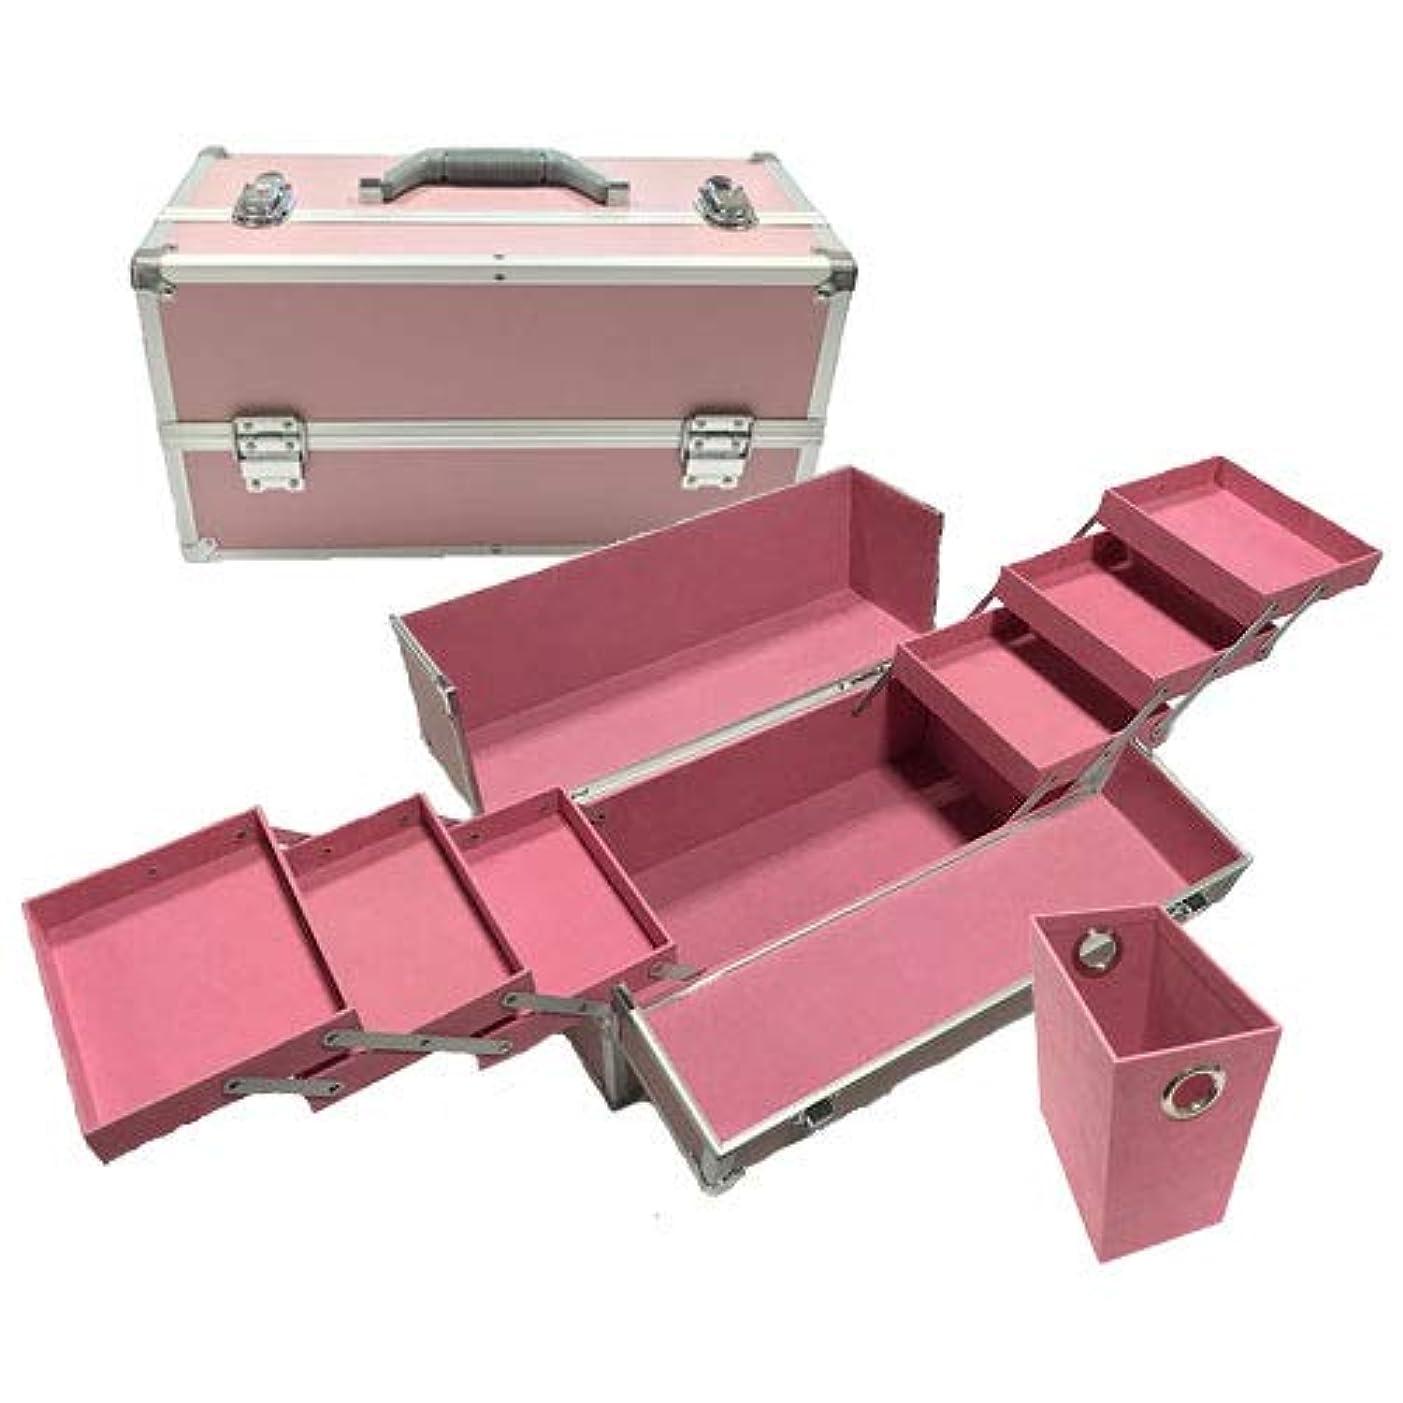 凍るケントストレージリライアブル コスメボックス ワイド RB203-PP 鍵付き プロ仕様 メイクボックス 大容量 化粧品収納 小物入れ 6段トレー ベロア メイクケース コスメBOX 持ち運び ネイルケース